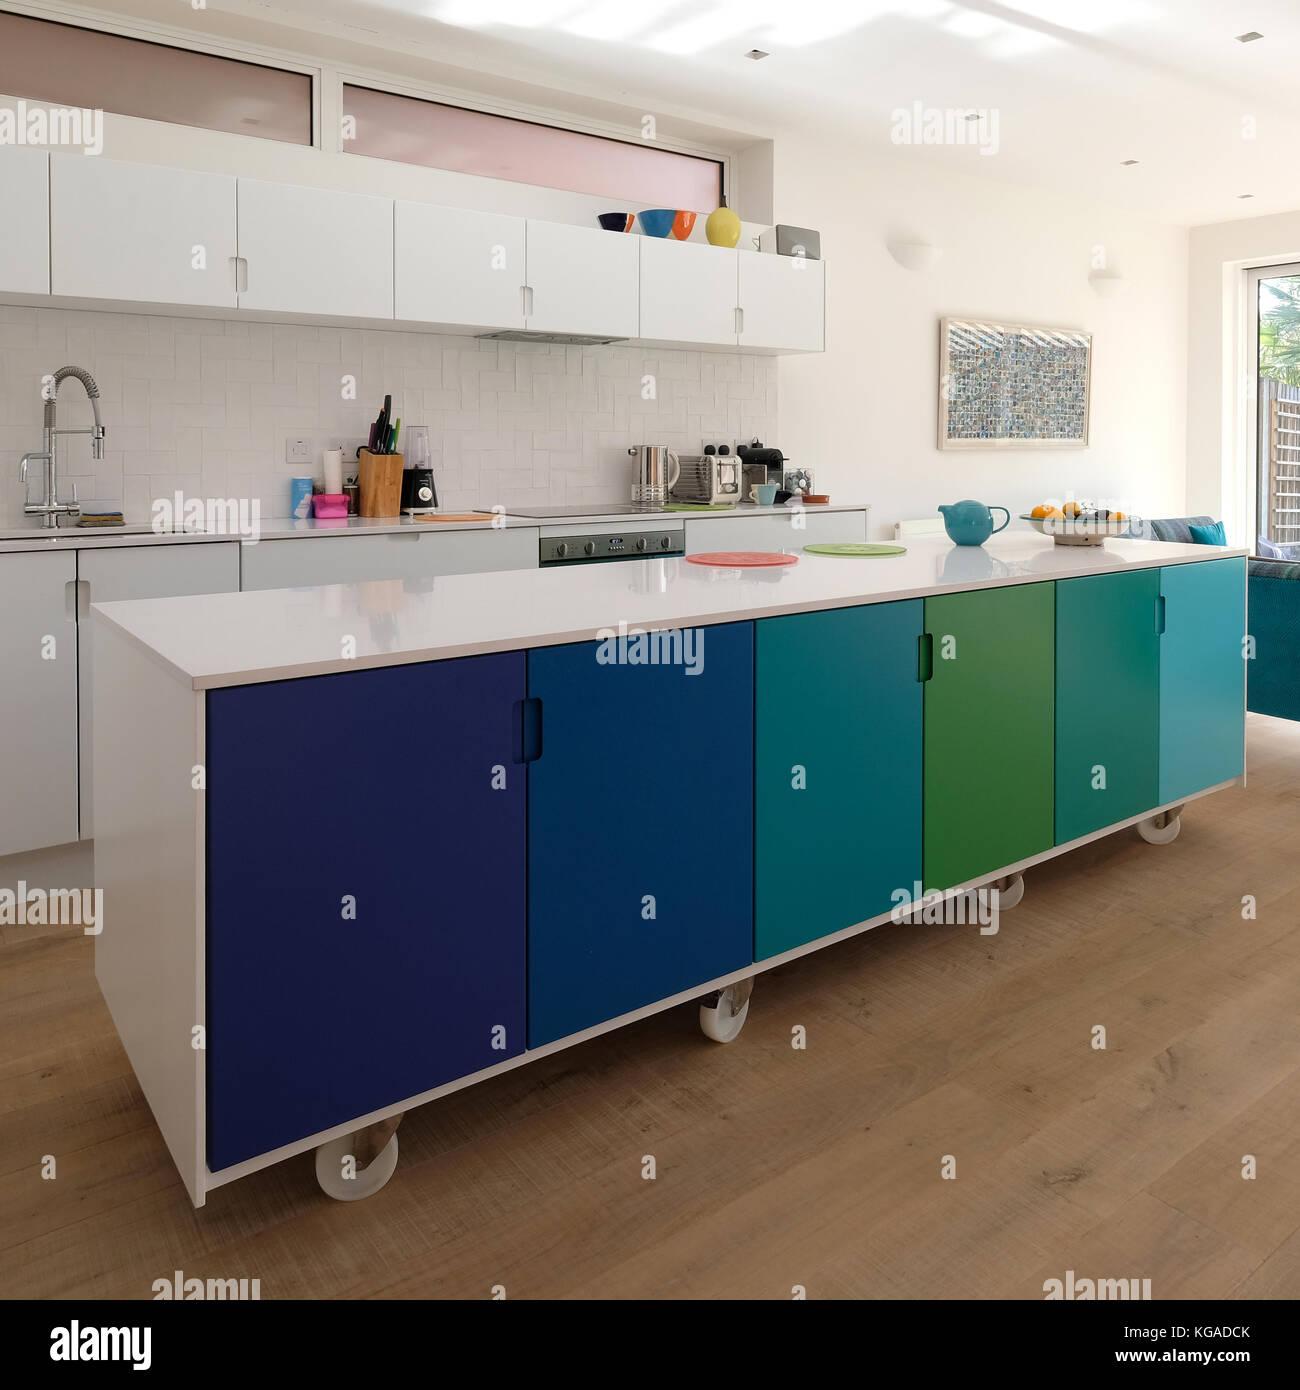 Cucina mobile isola su ruote, design retrò dipinte in ombre colori ...